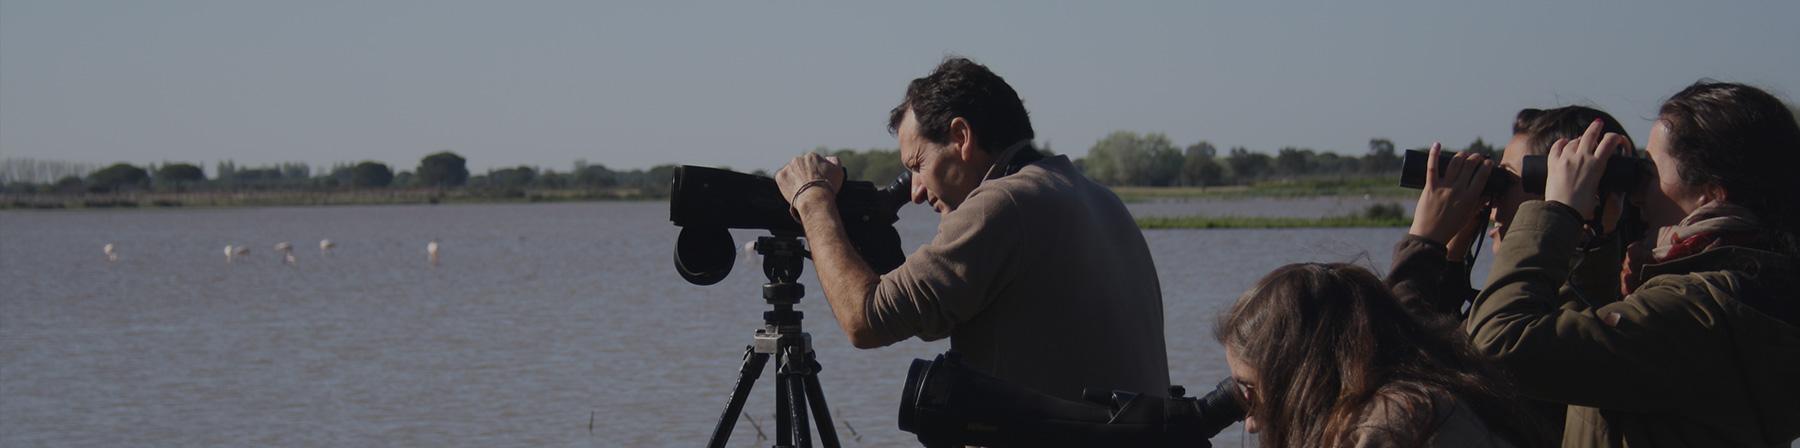 Visita observación de Aves - Fotografía de Aves - Doñana Reservas